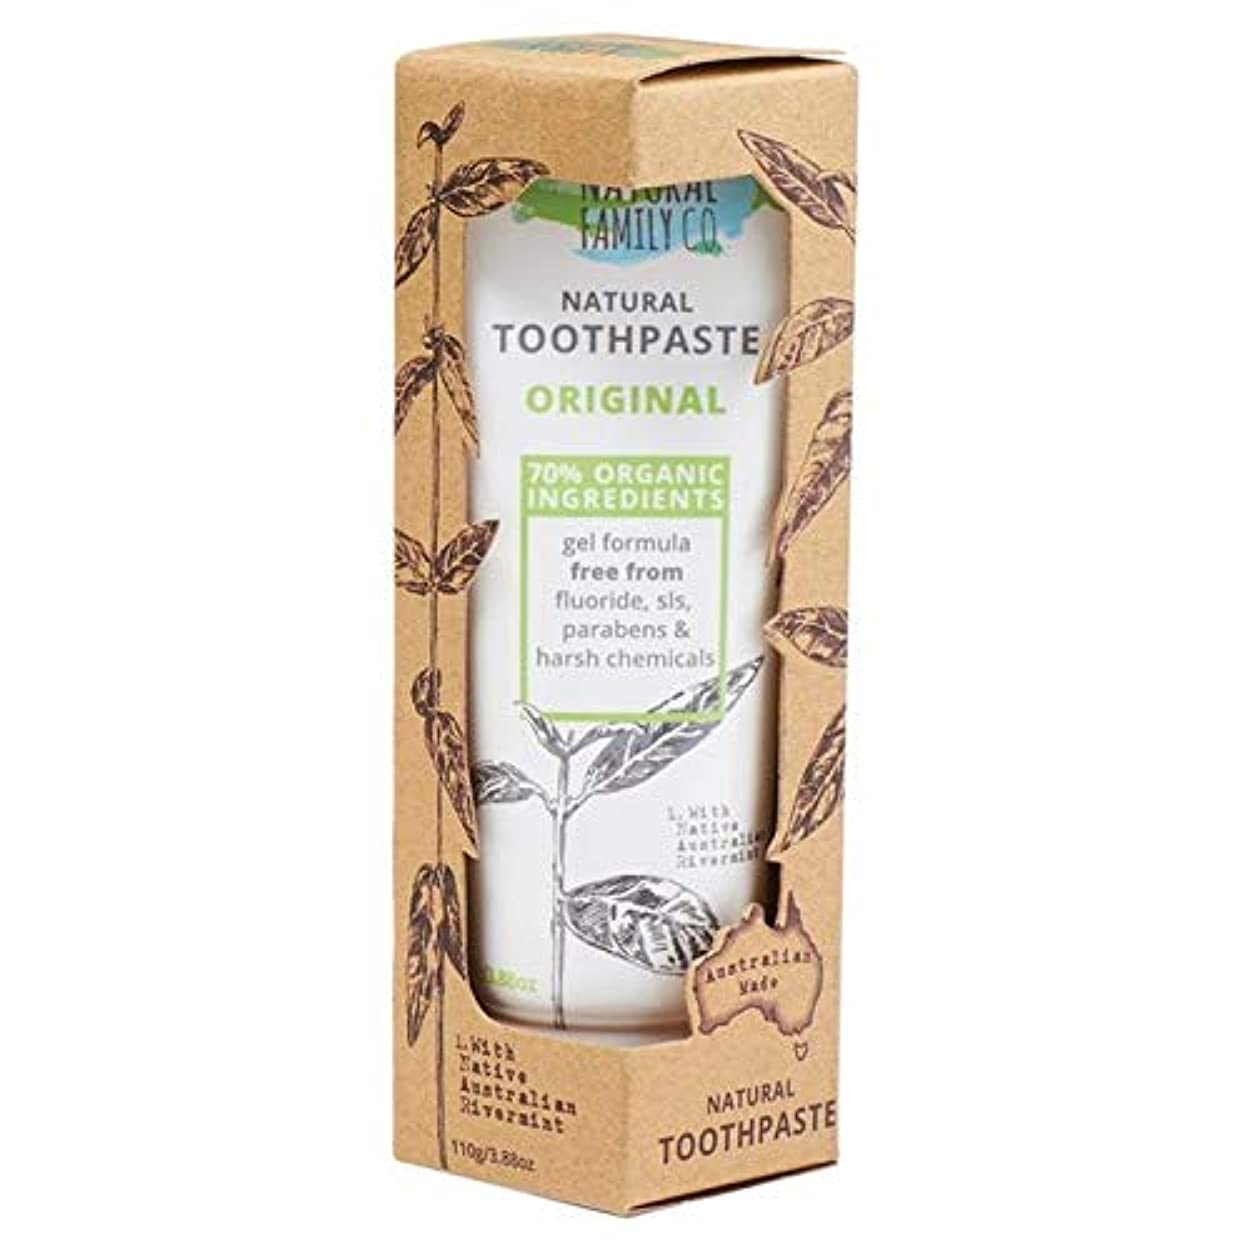 以前は実施する赤道[Natural Family ] 自然な家族の元歯磨き粉の110グラム - Natural Family Original Toothpaste 110g [並行輸入品]